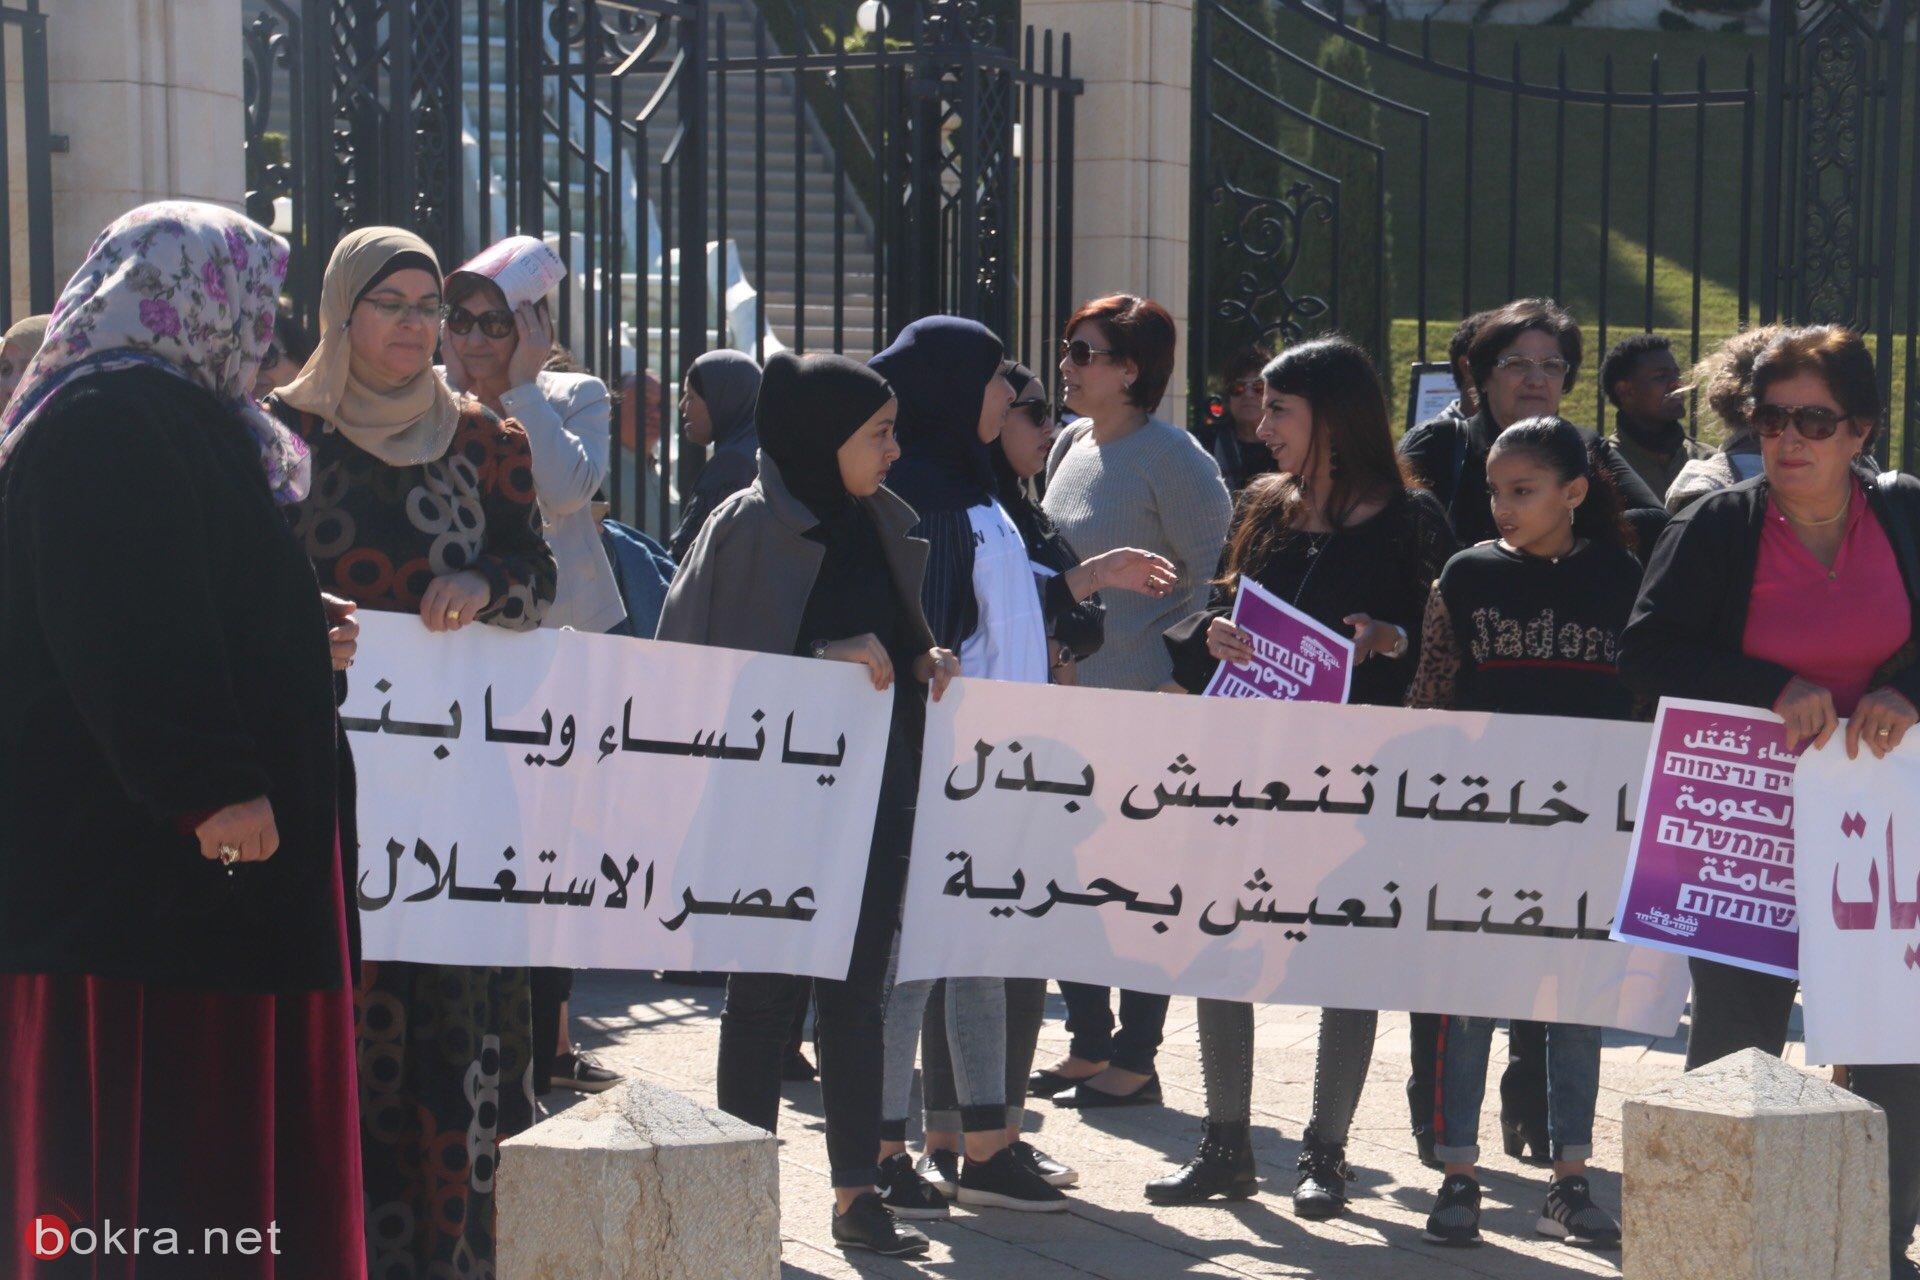 حيفا: تظاهرة على شرف يوم المرأة ومشاركة واسعة